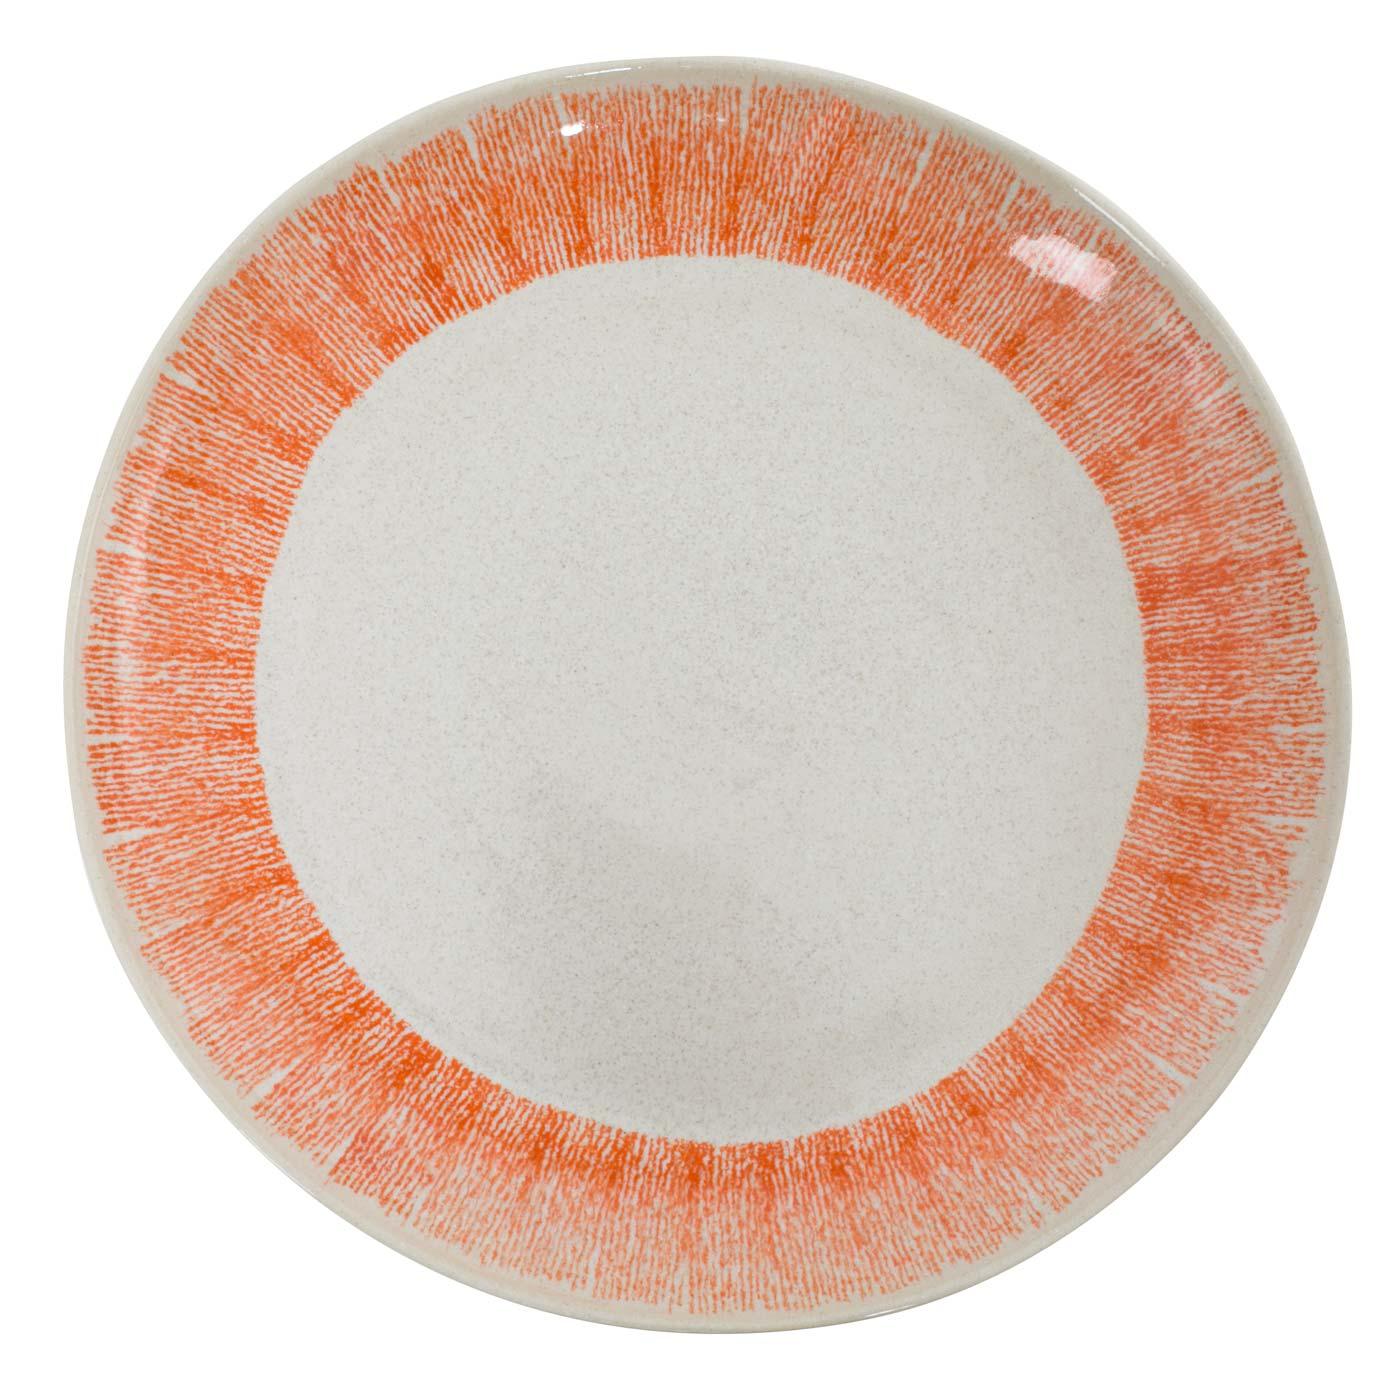 Coral Platter